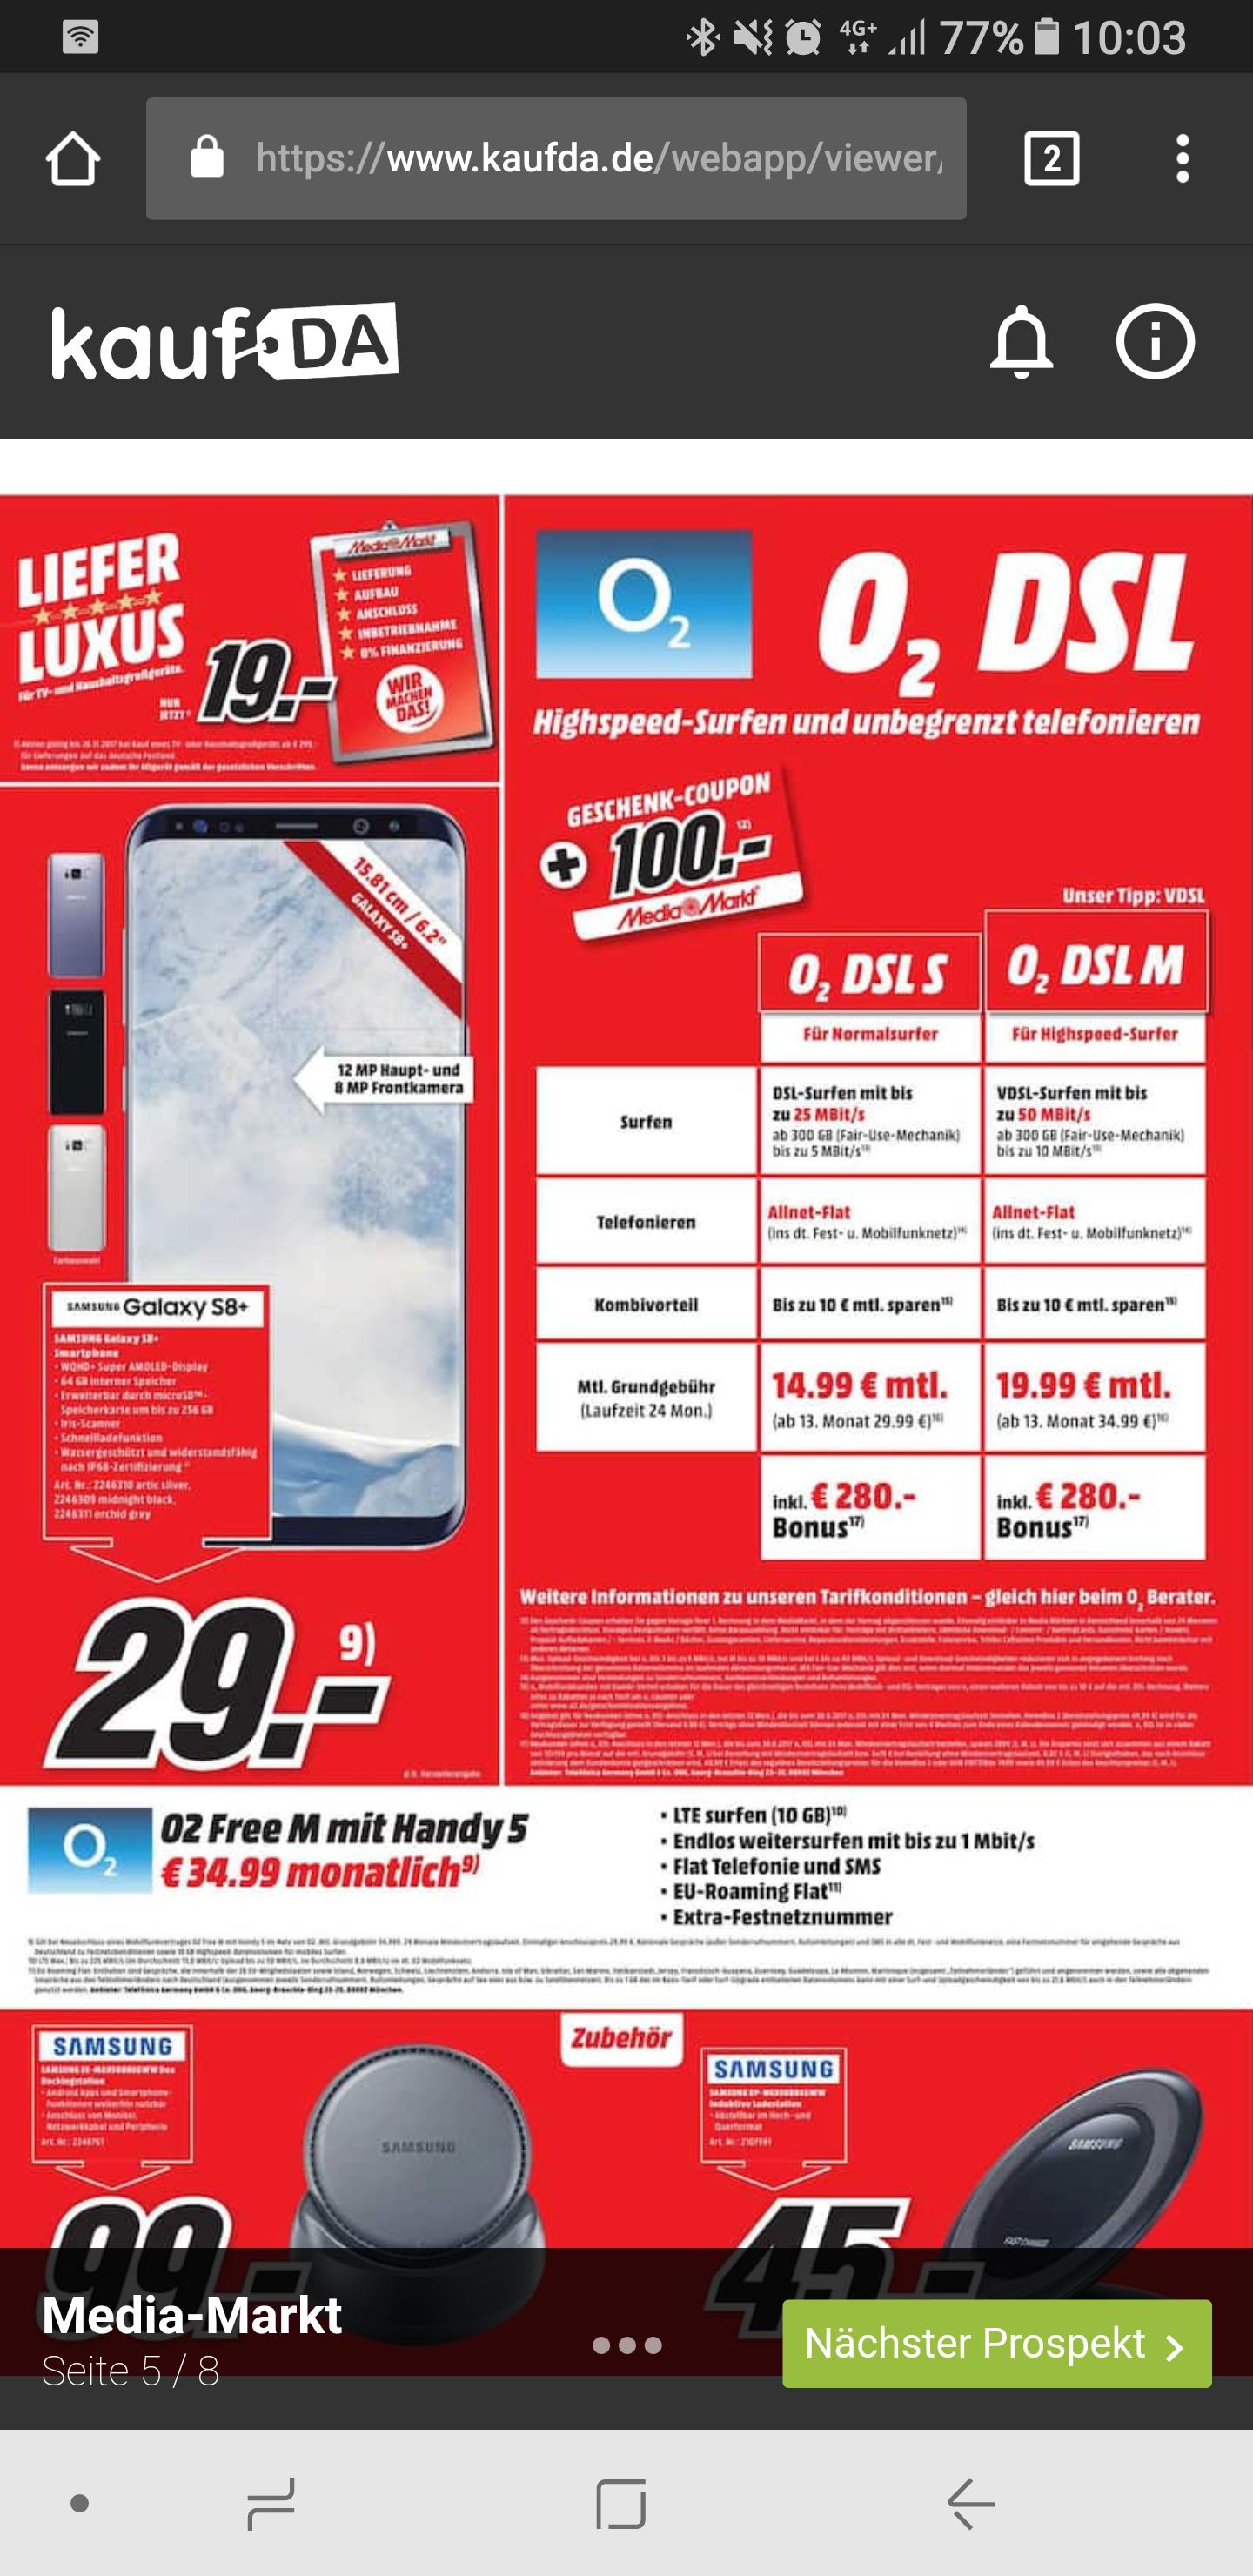 O2 Free M  allnet / 10GB                        839,76€+29€= 868,76€            Handy Samsung Galaxy S8+ bei Ebay 650€            839,76€-650€= 186,76€  : 24 = 7,78€